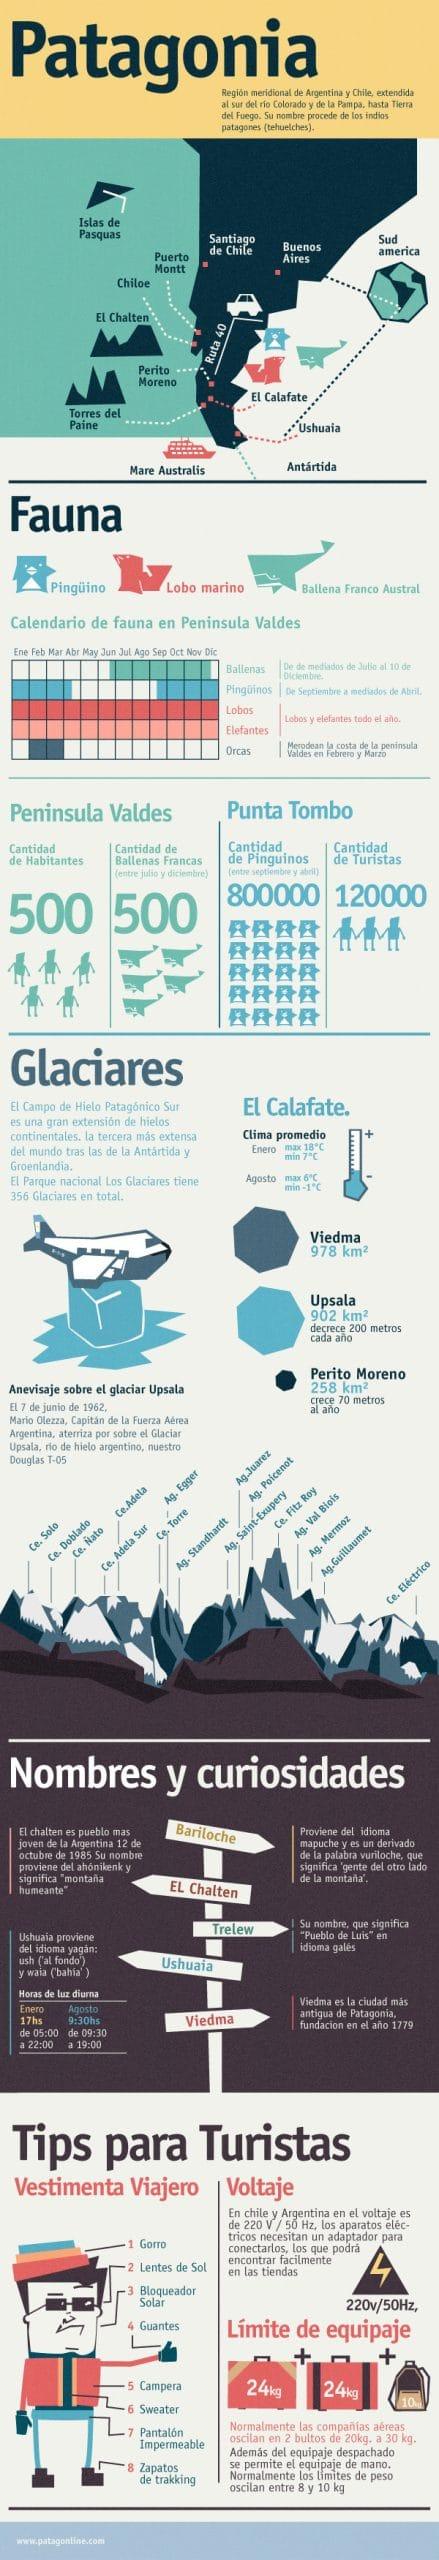 Infografía de Patagonia